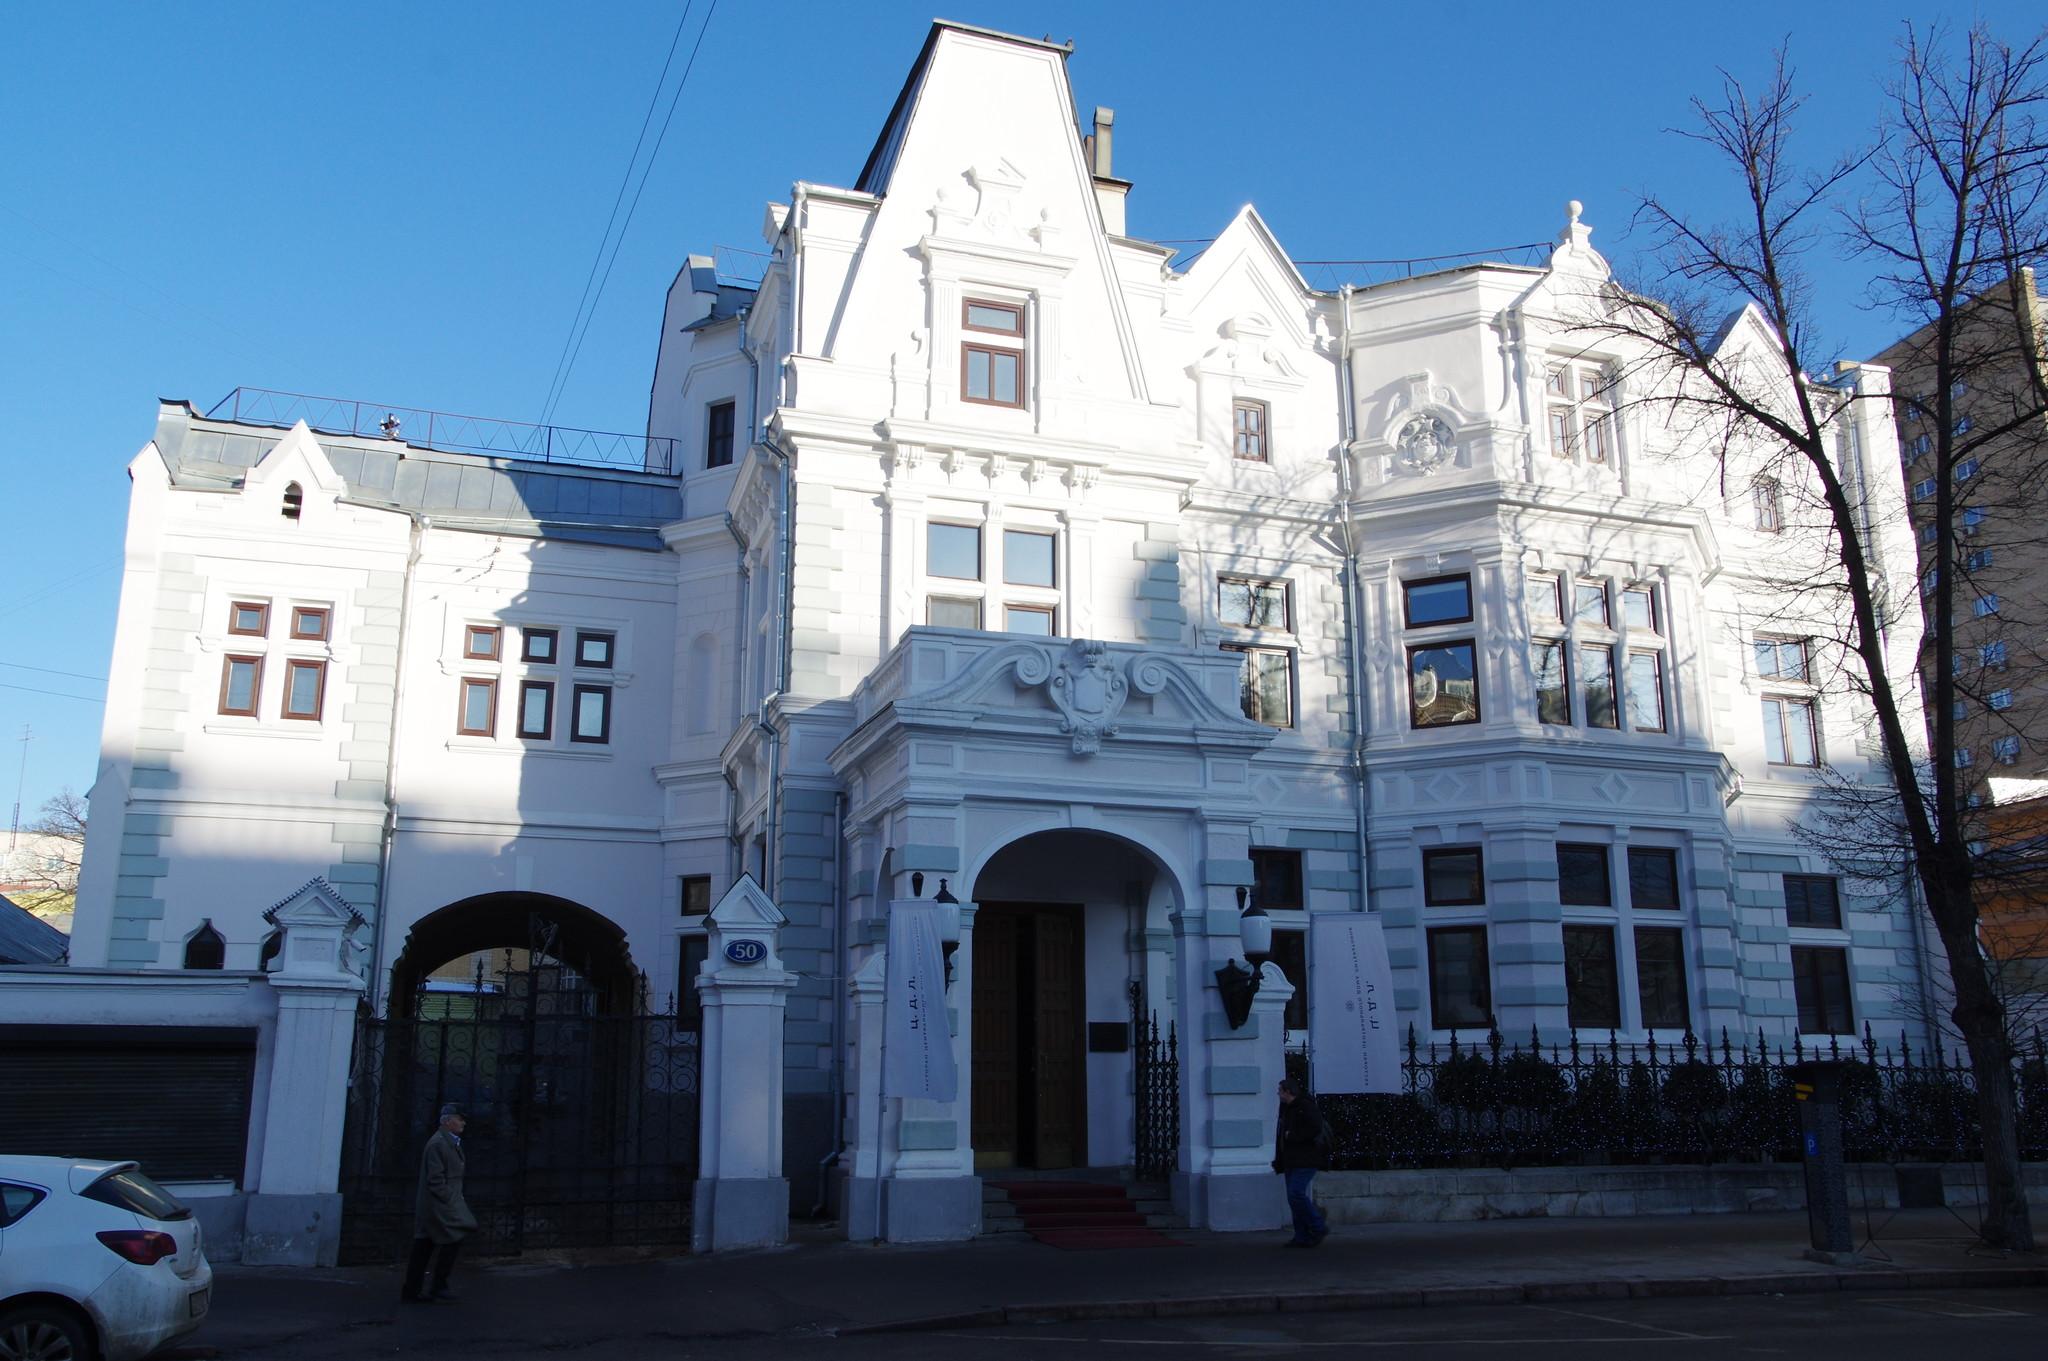 Ресторан «ЦДЛ». Центральный Дом Литераторов (улица Поварская, дом 50)